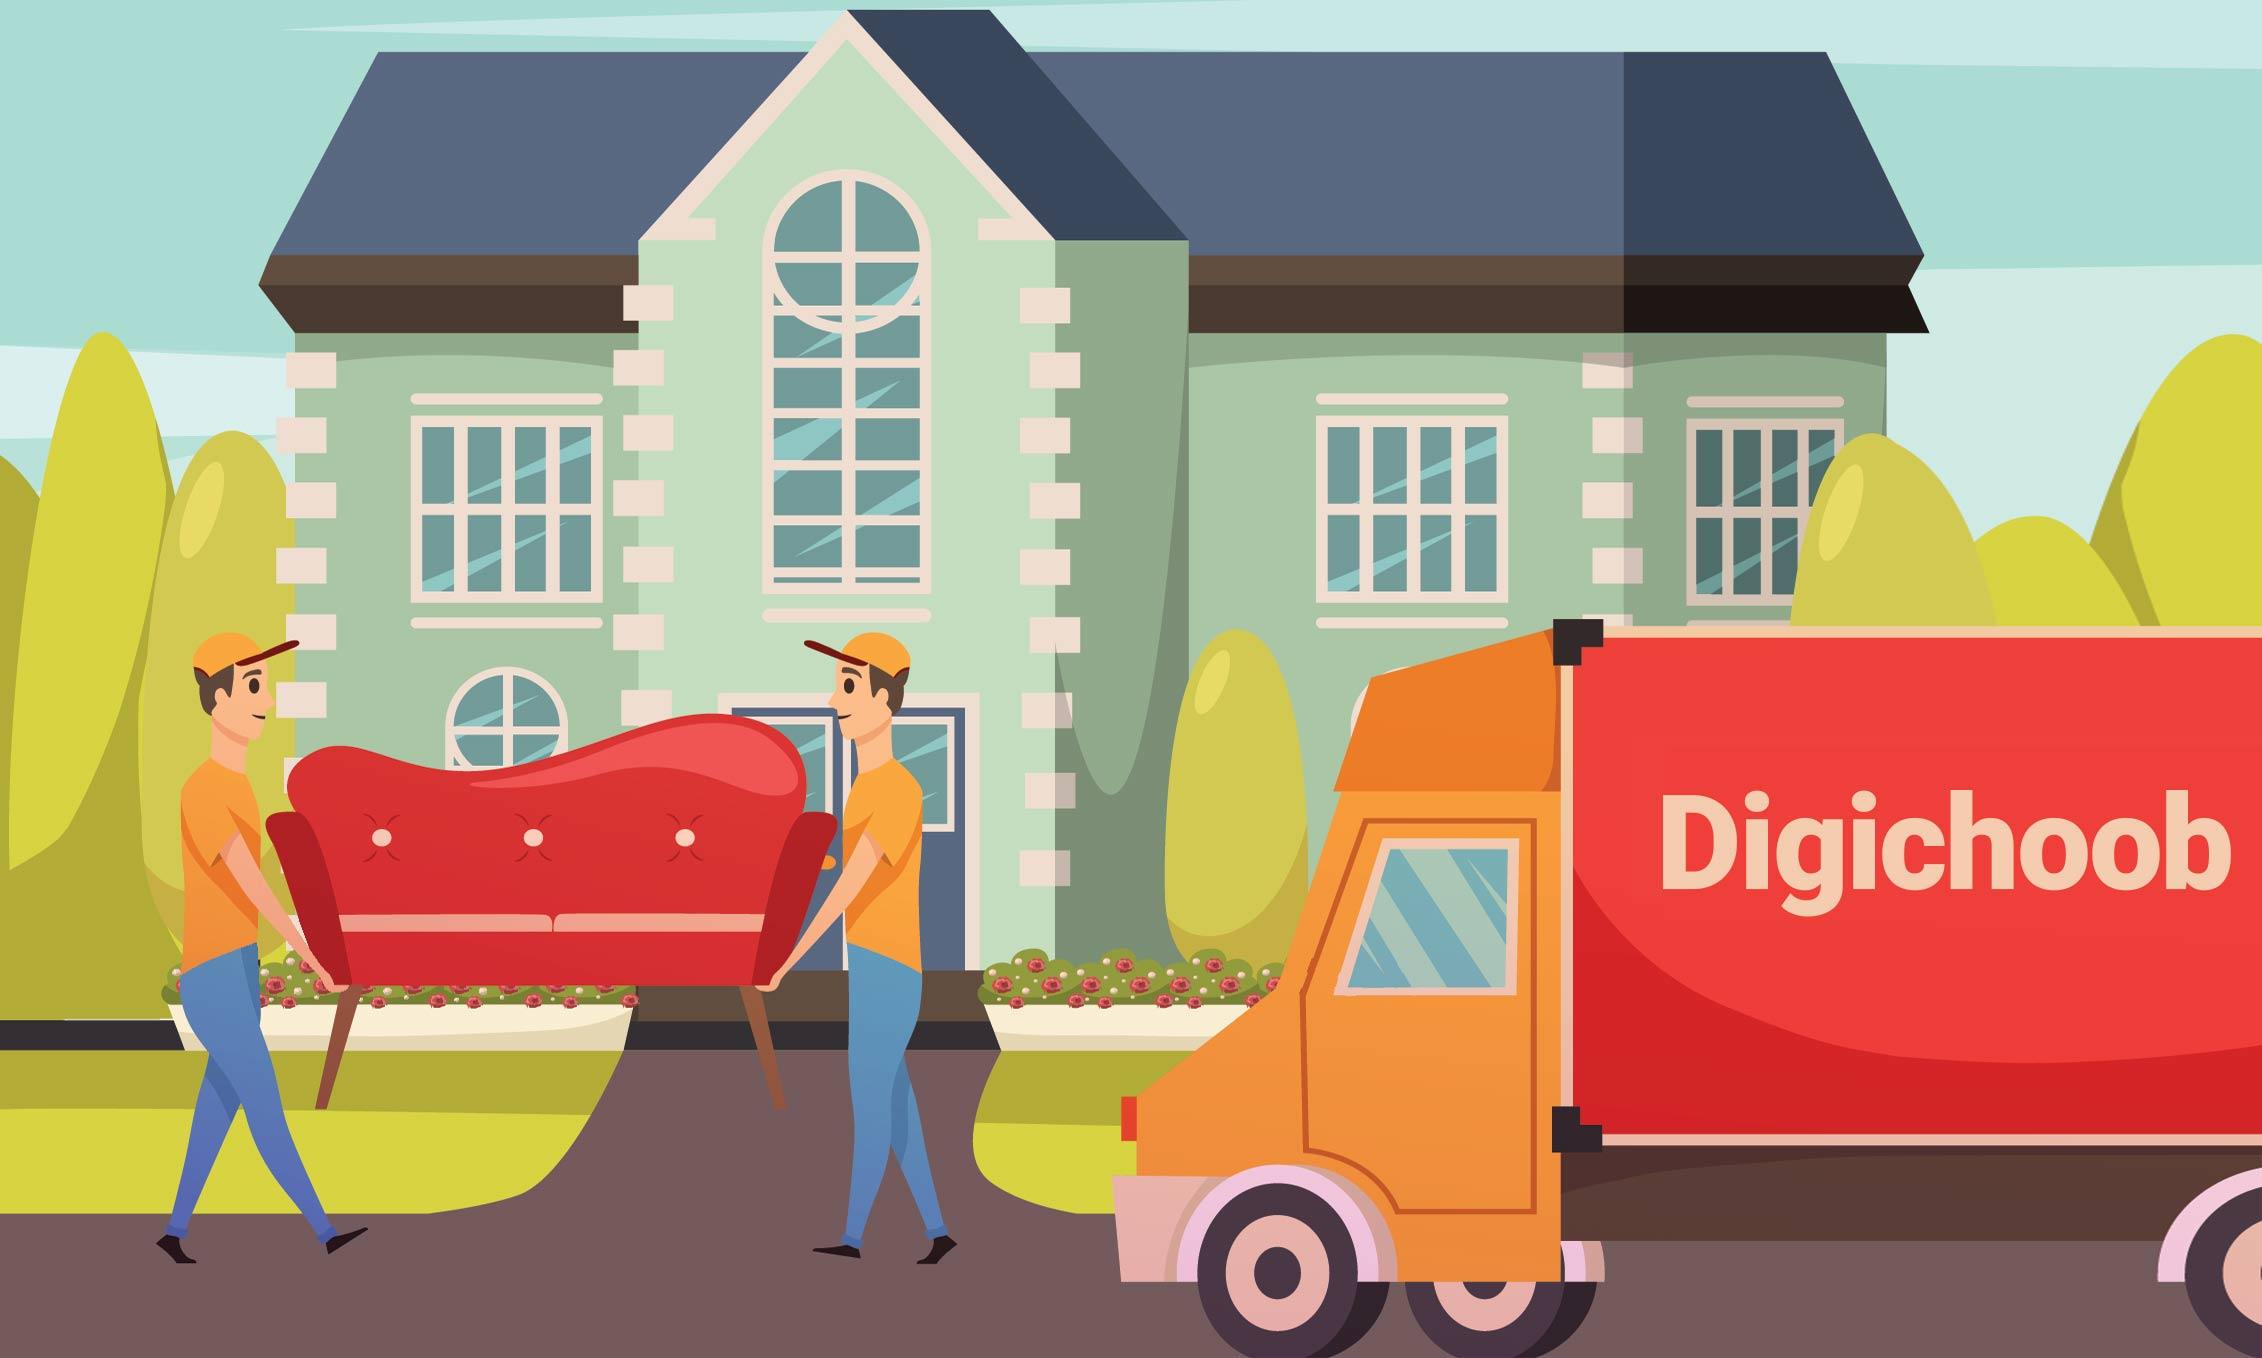 قوانین حمل و نقل در فروشگاه اینترنتی دیجی چوب